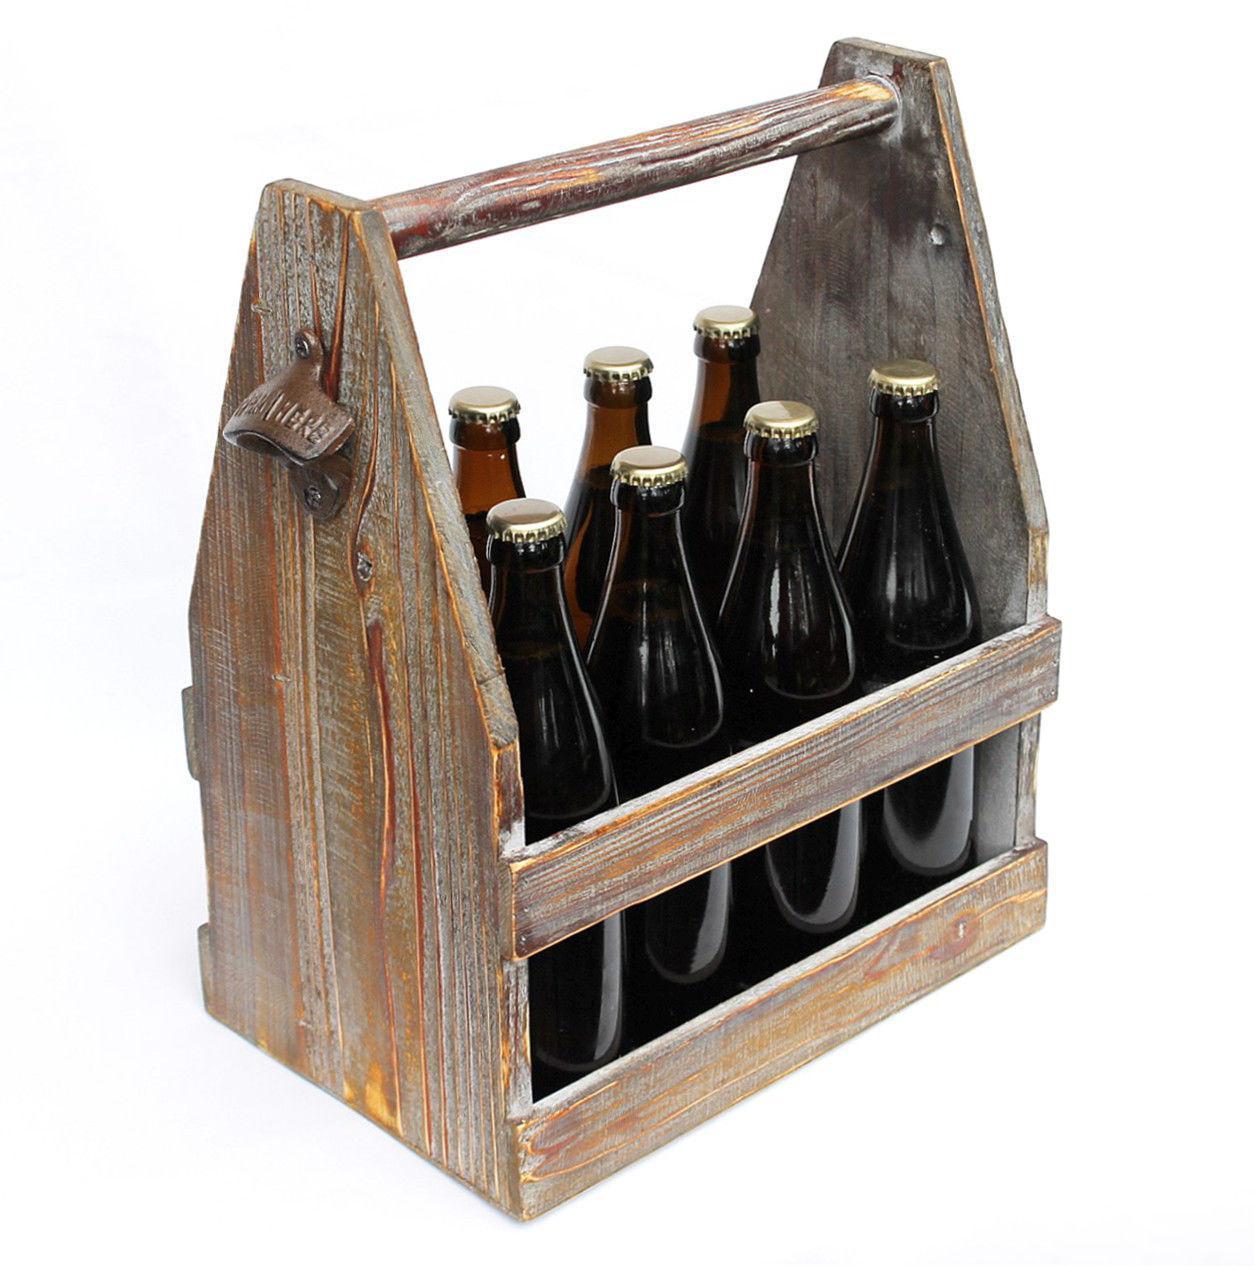 biertr ger mit flaschen ffner 5087 bierkiste aus holz 38 cm flaschentr ger ebay. Black Bedroom Furniture Sets. Home Design Ideas